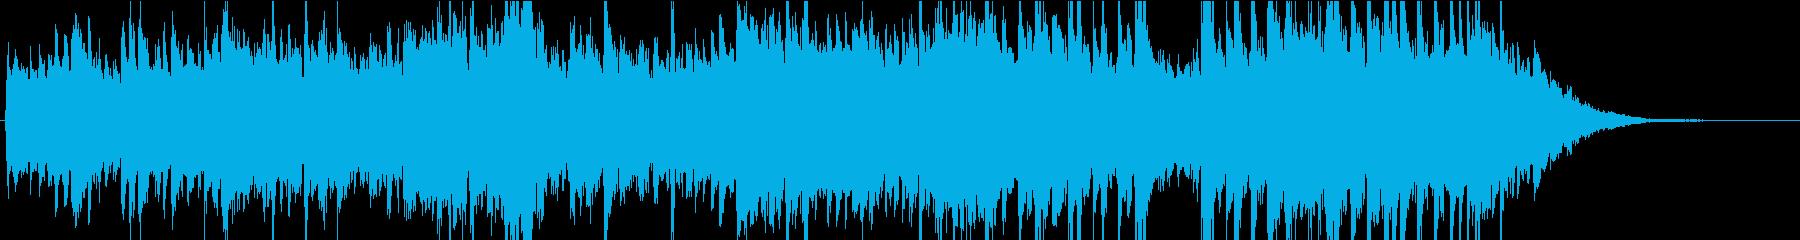 現代の交響曲 室内楽 新世紀交響楽...の再生済みの波形